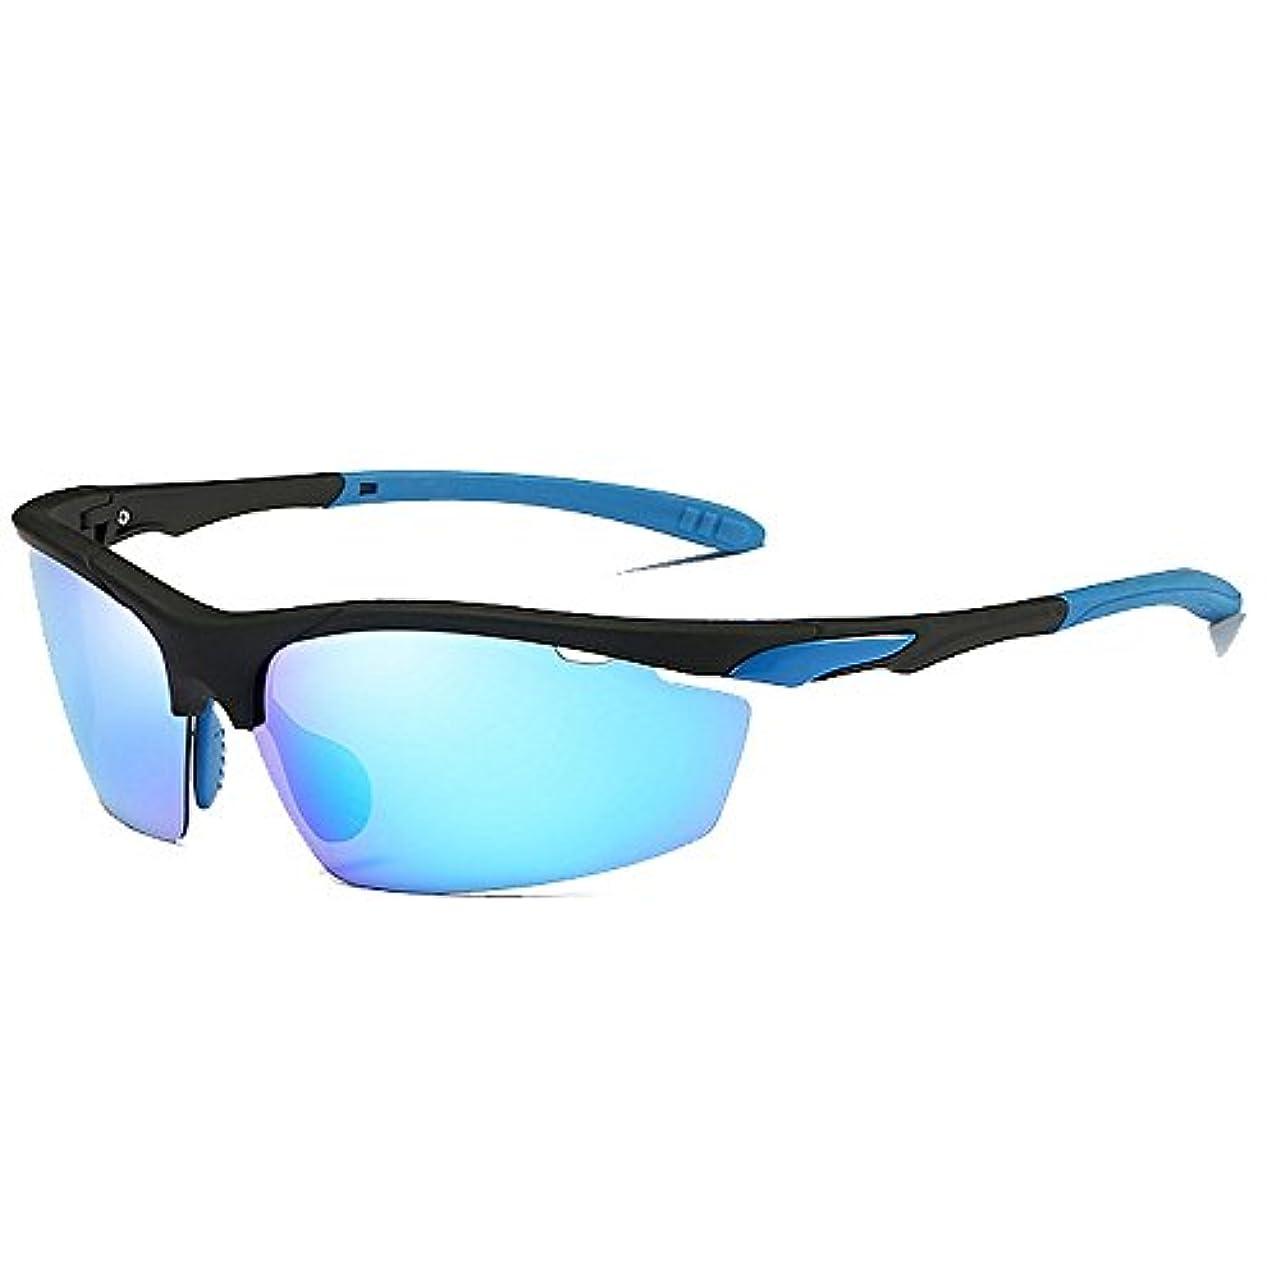 唇流行二週間スポーツサングラス メンズスポーツサングラスUV400保護運転サイクリングランニング釣りゴルフクラシックセミリムレススタイル偏光 ドライブ/野球/自転車/釣り/ランニング/ゴルフ/運転 男女兼用 (Color : C2)